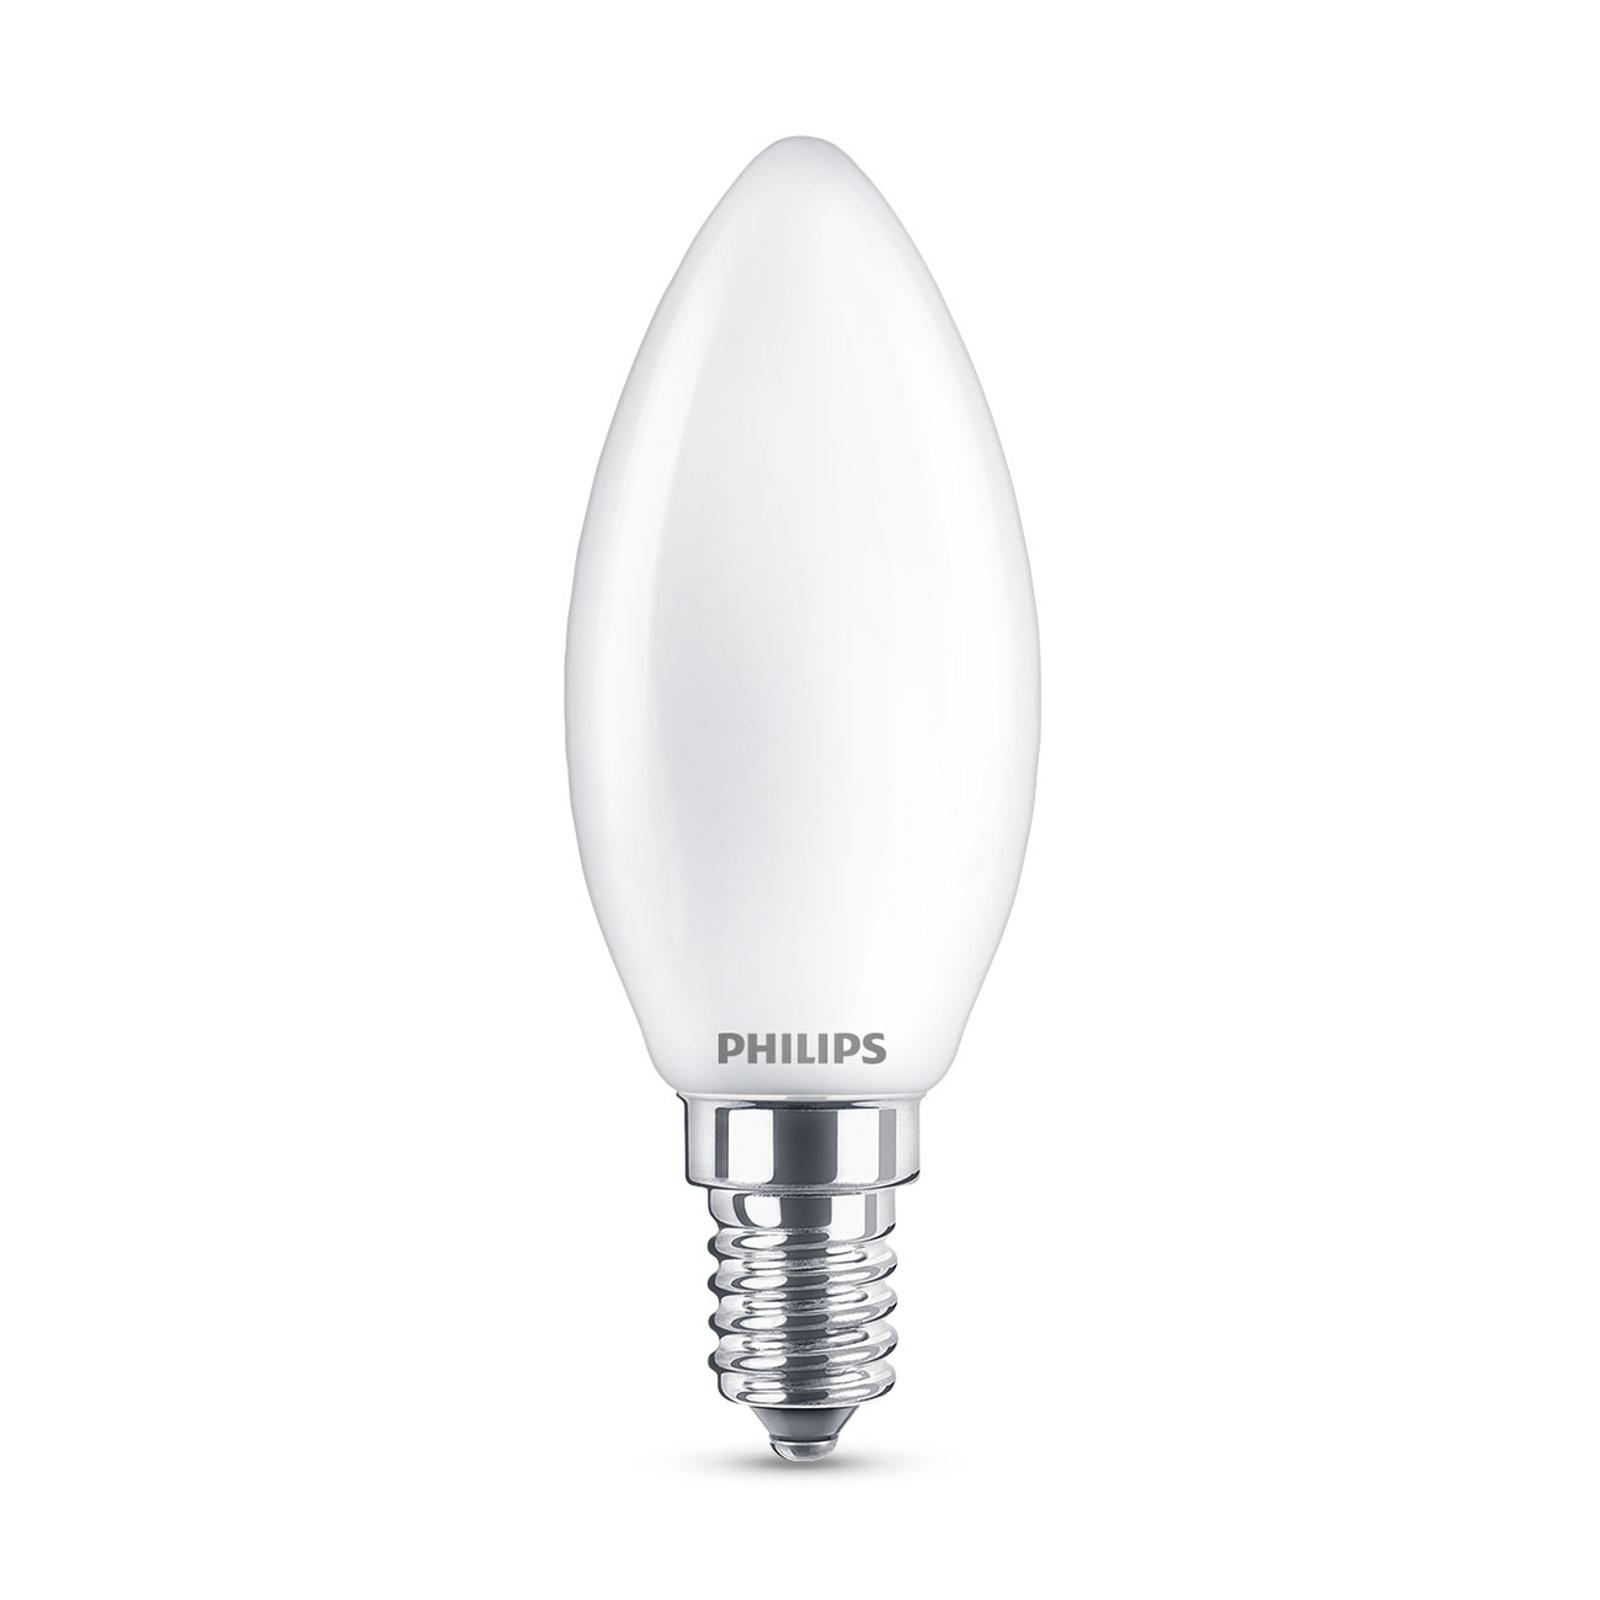 Philips Classic LED-pære E14 B35 6,5W 2.700K, mat